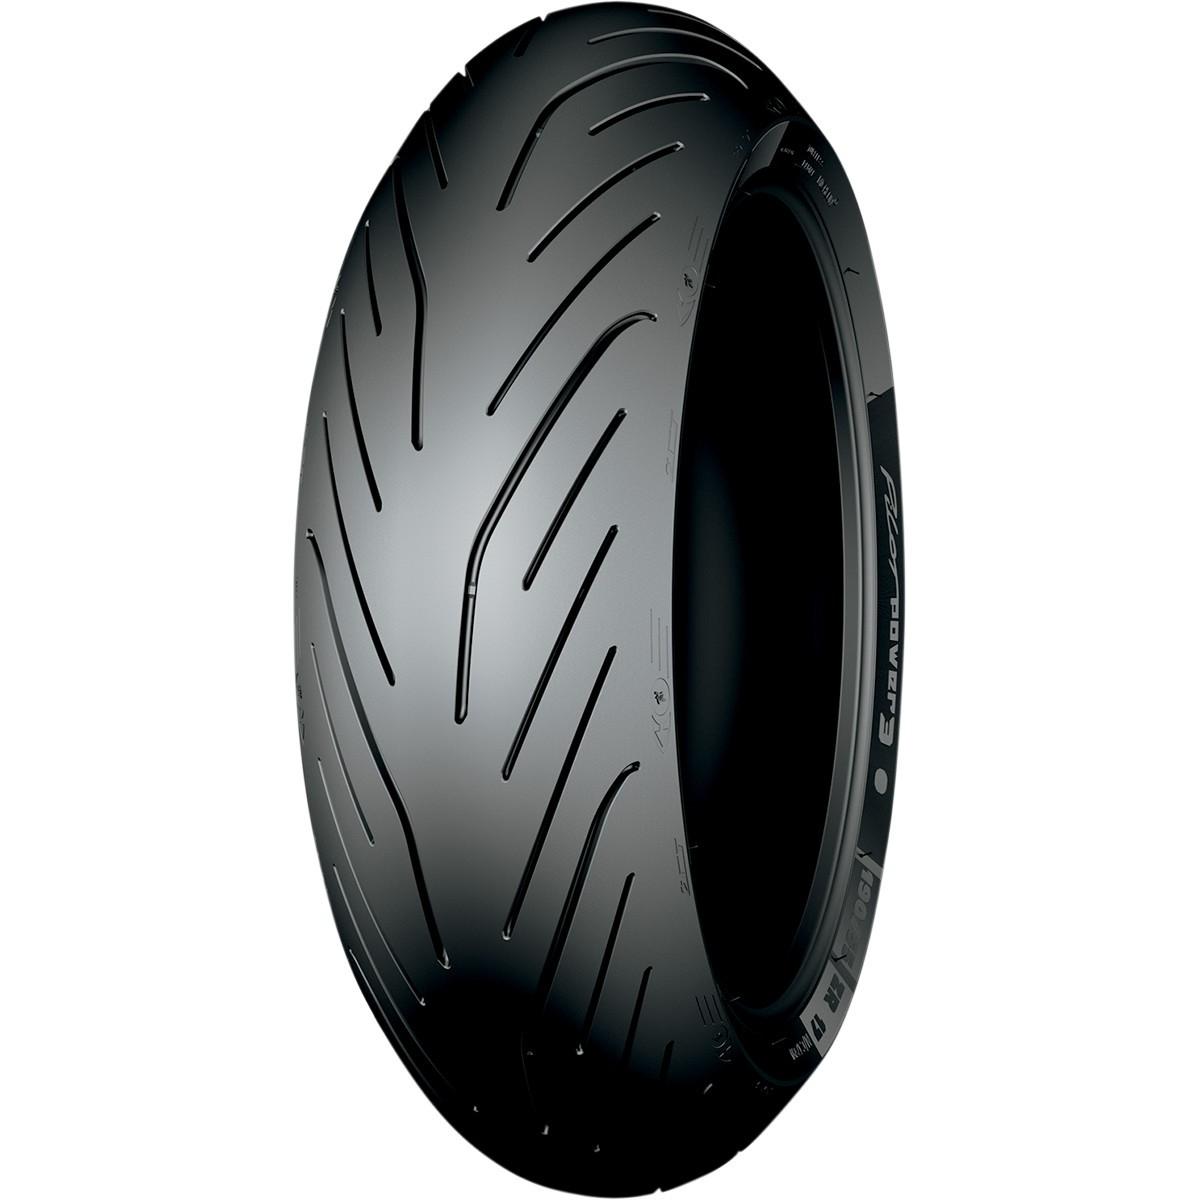 Promotion sur une sélection de pneus moto - Ex: Michelin 180/55 ZR17 Pilot Power 3